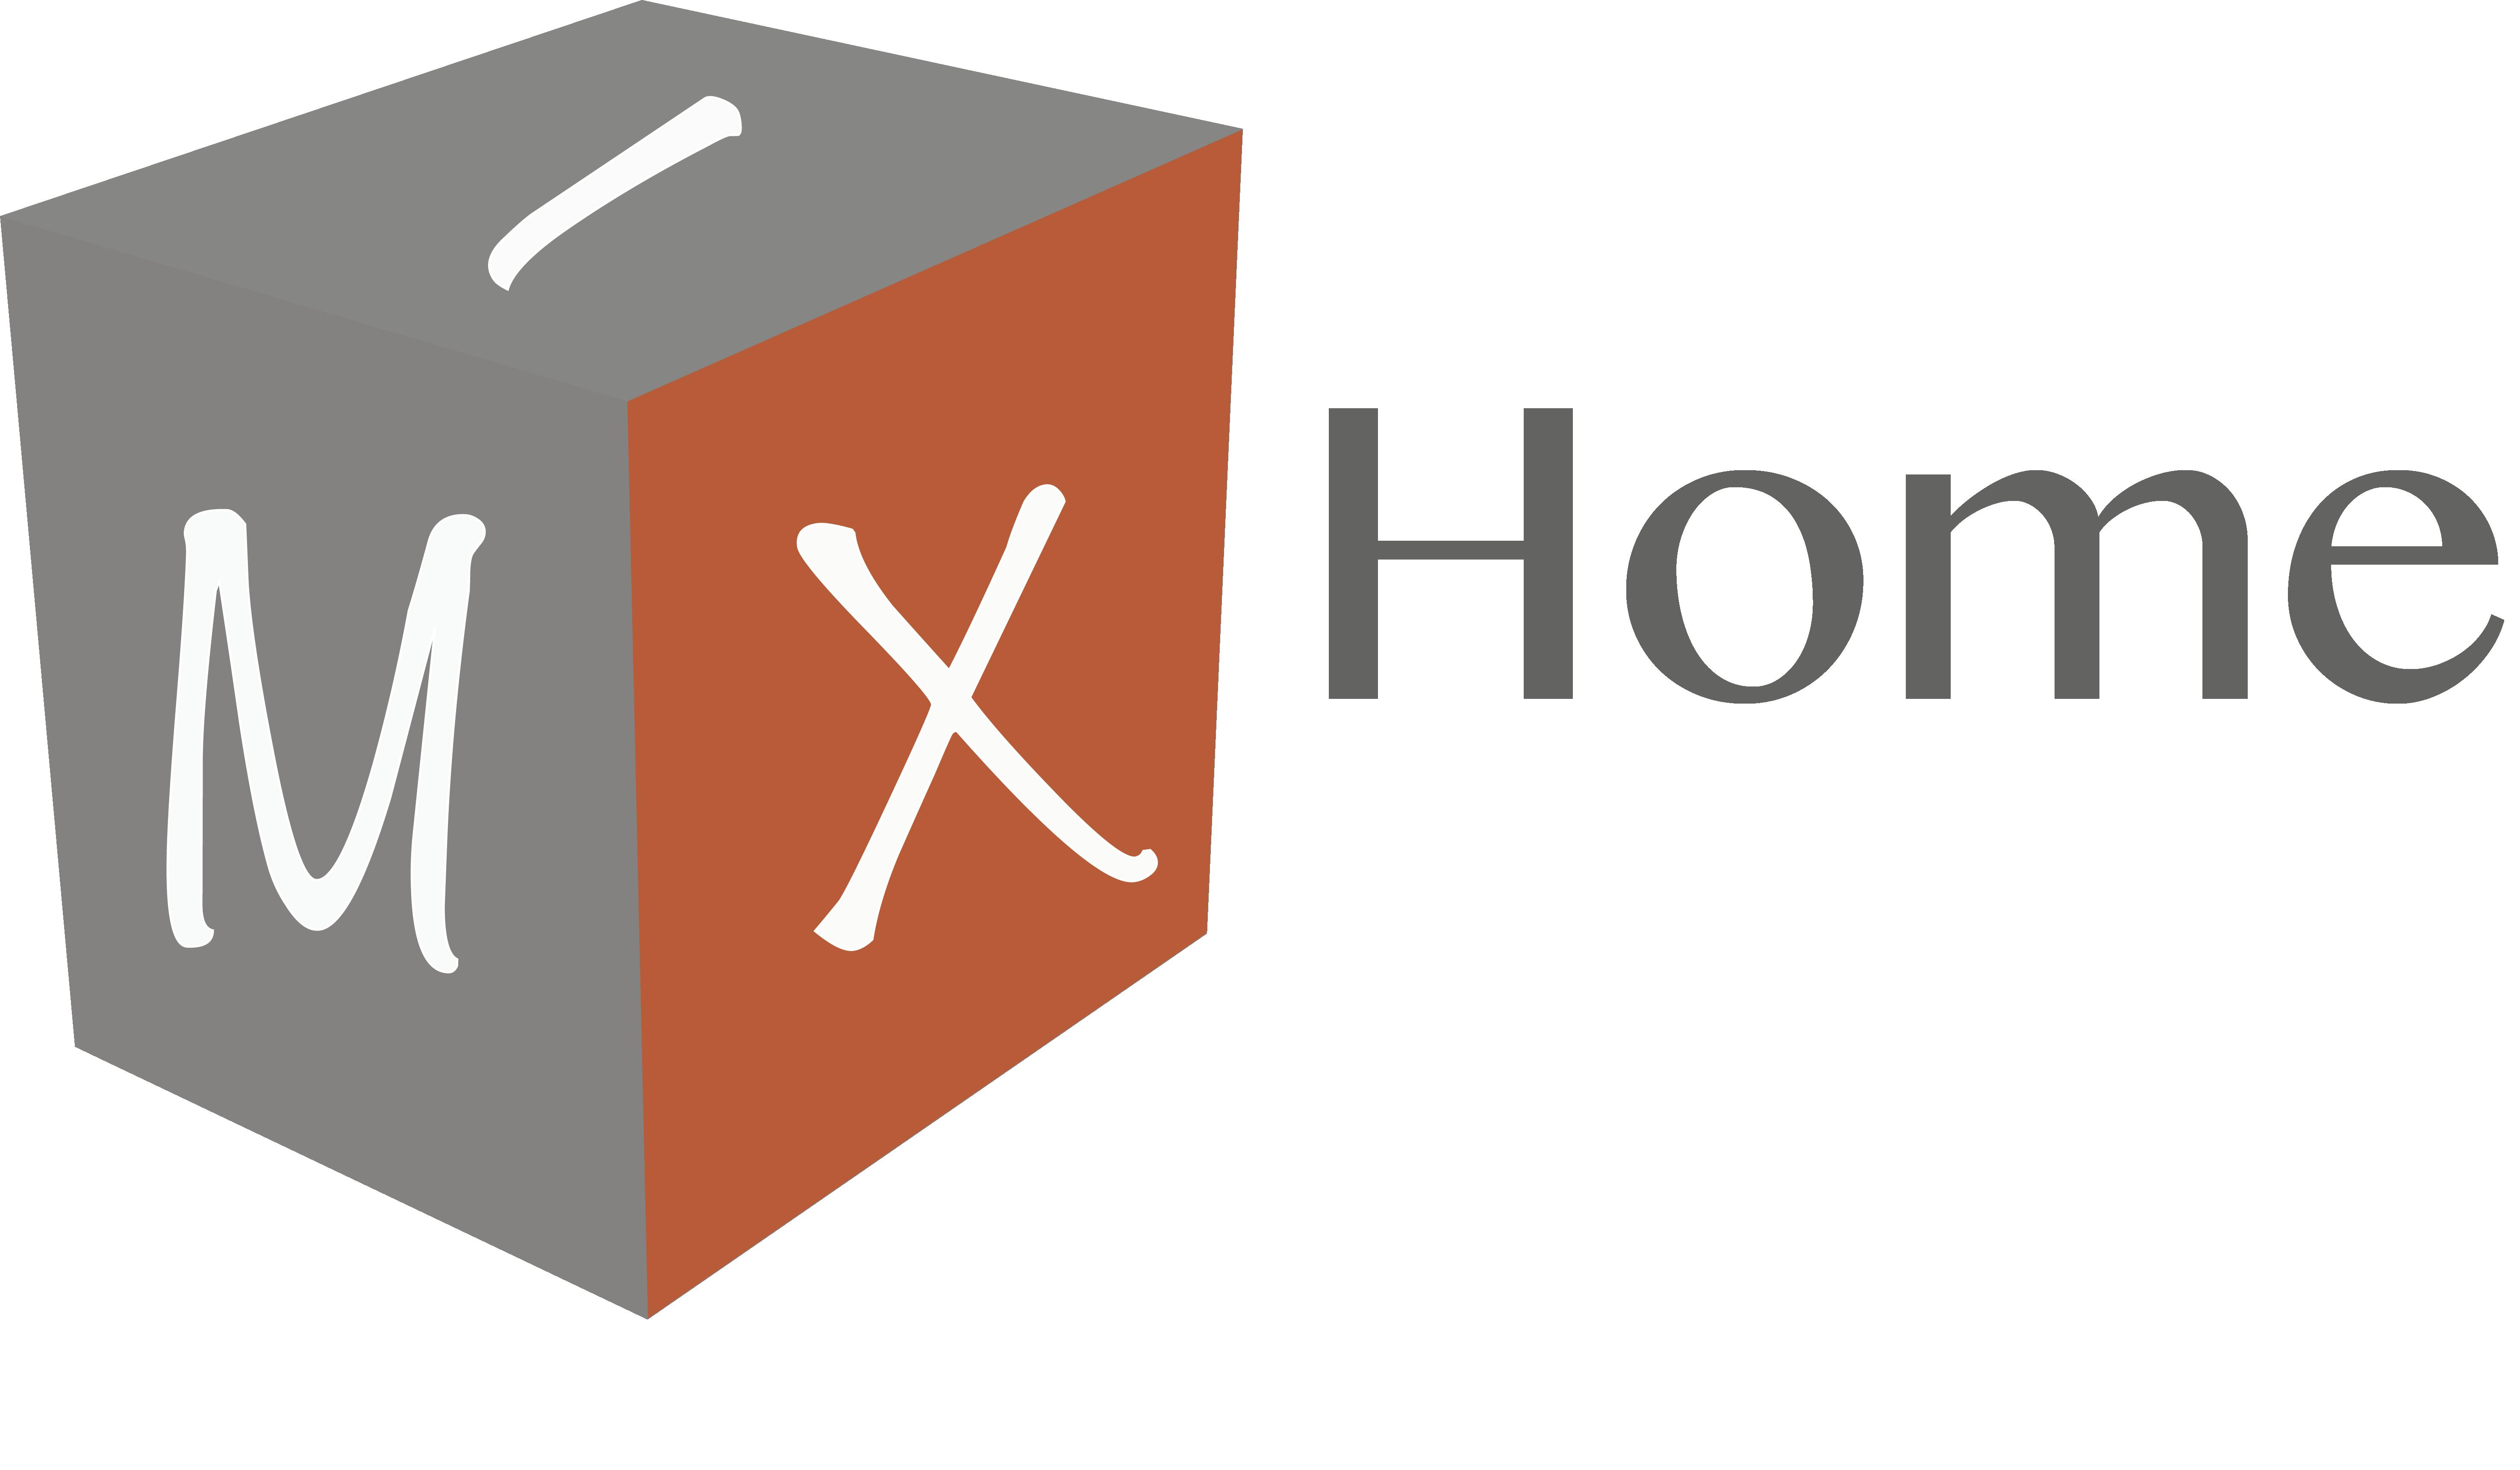 Логотип Mix Home